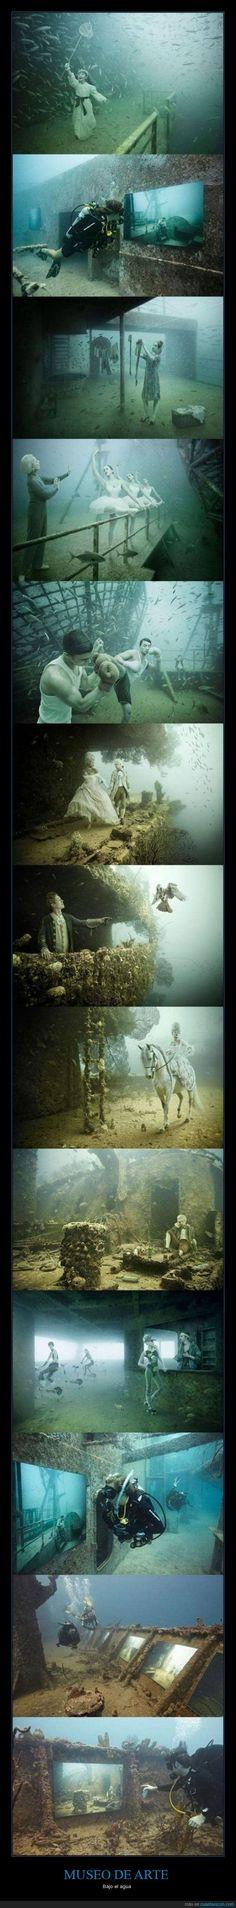 Espectacular museo de arte bajo el agua